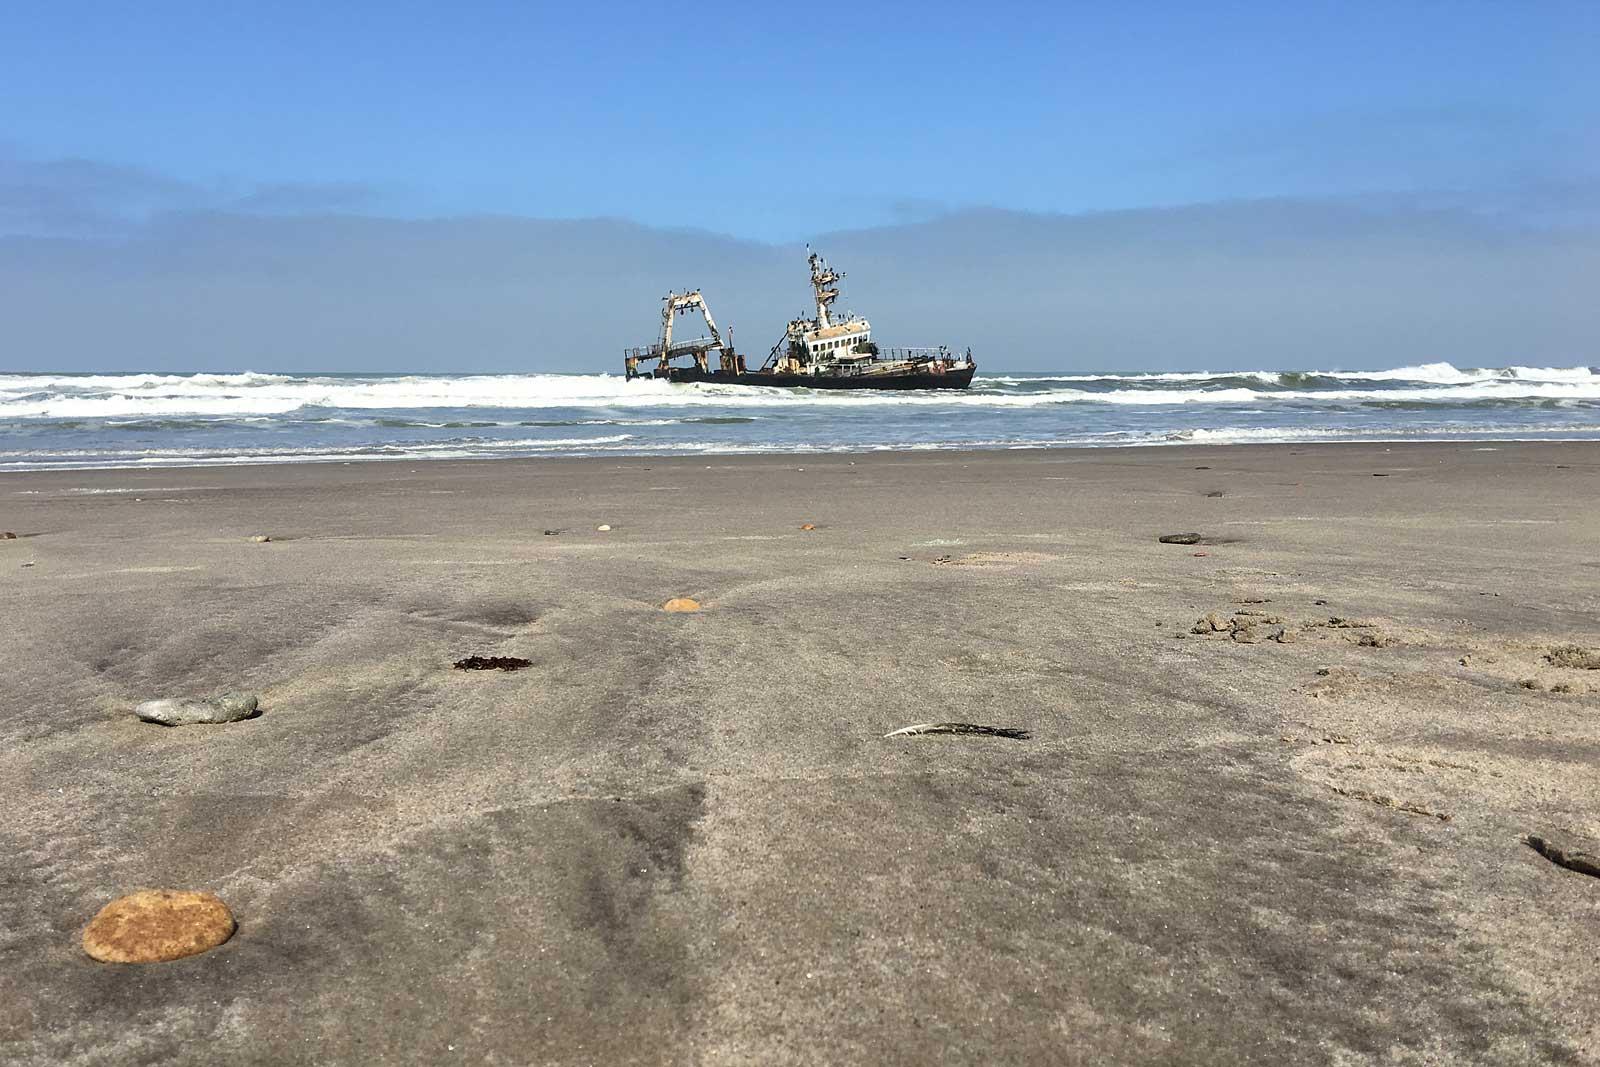 Shipswreck Ziela of Hangana